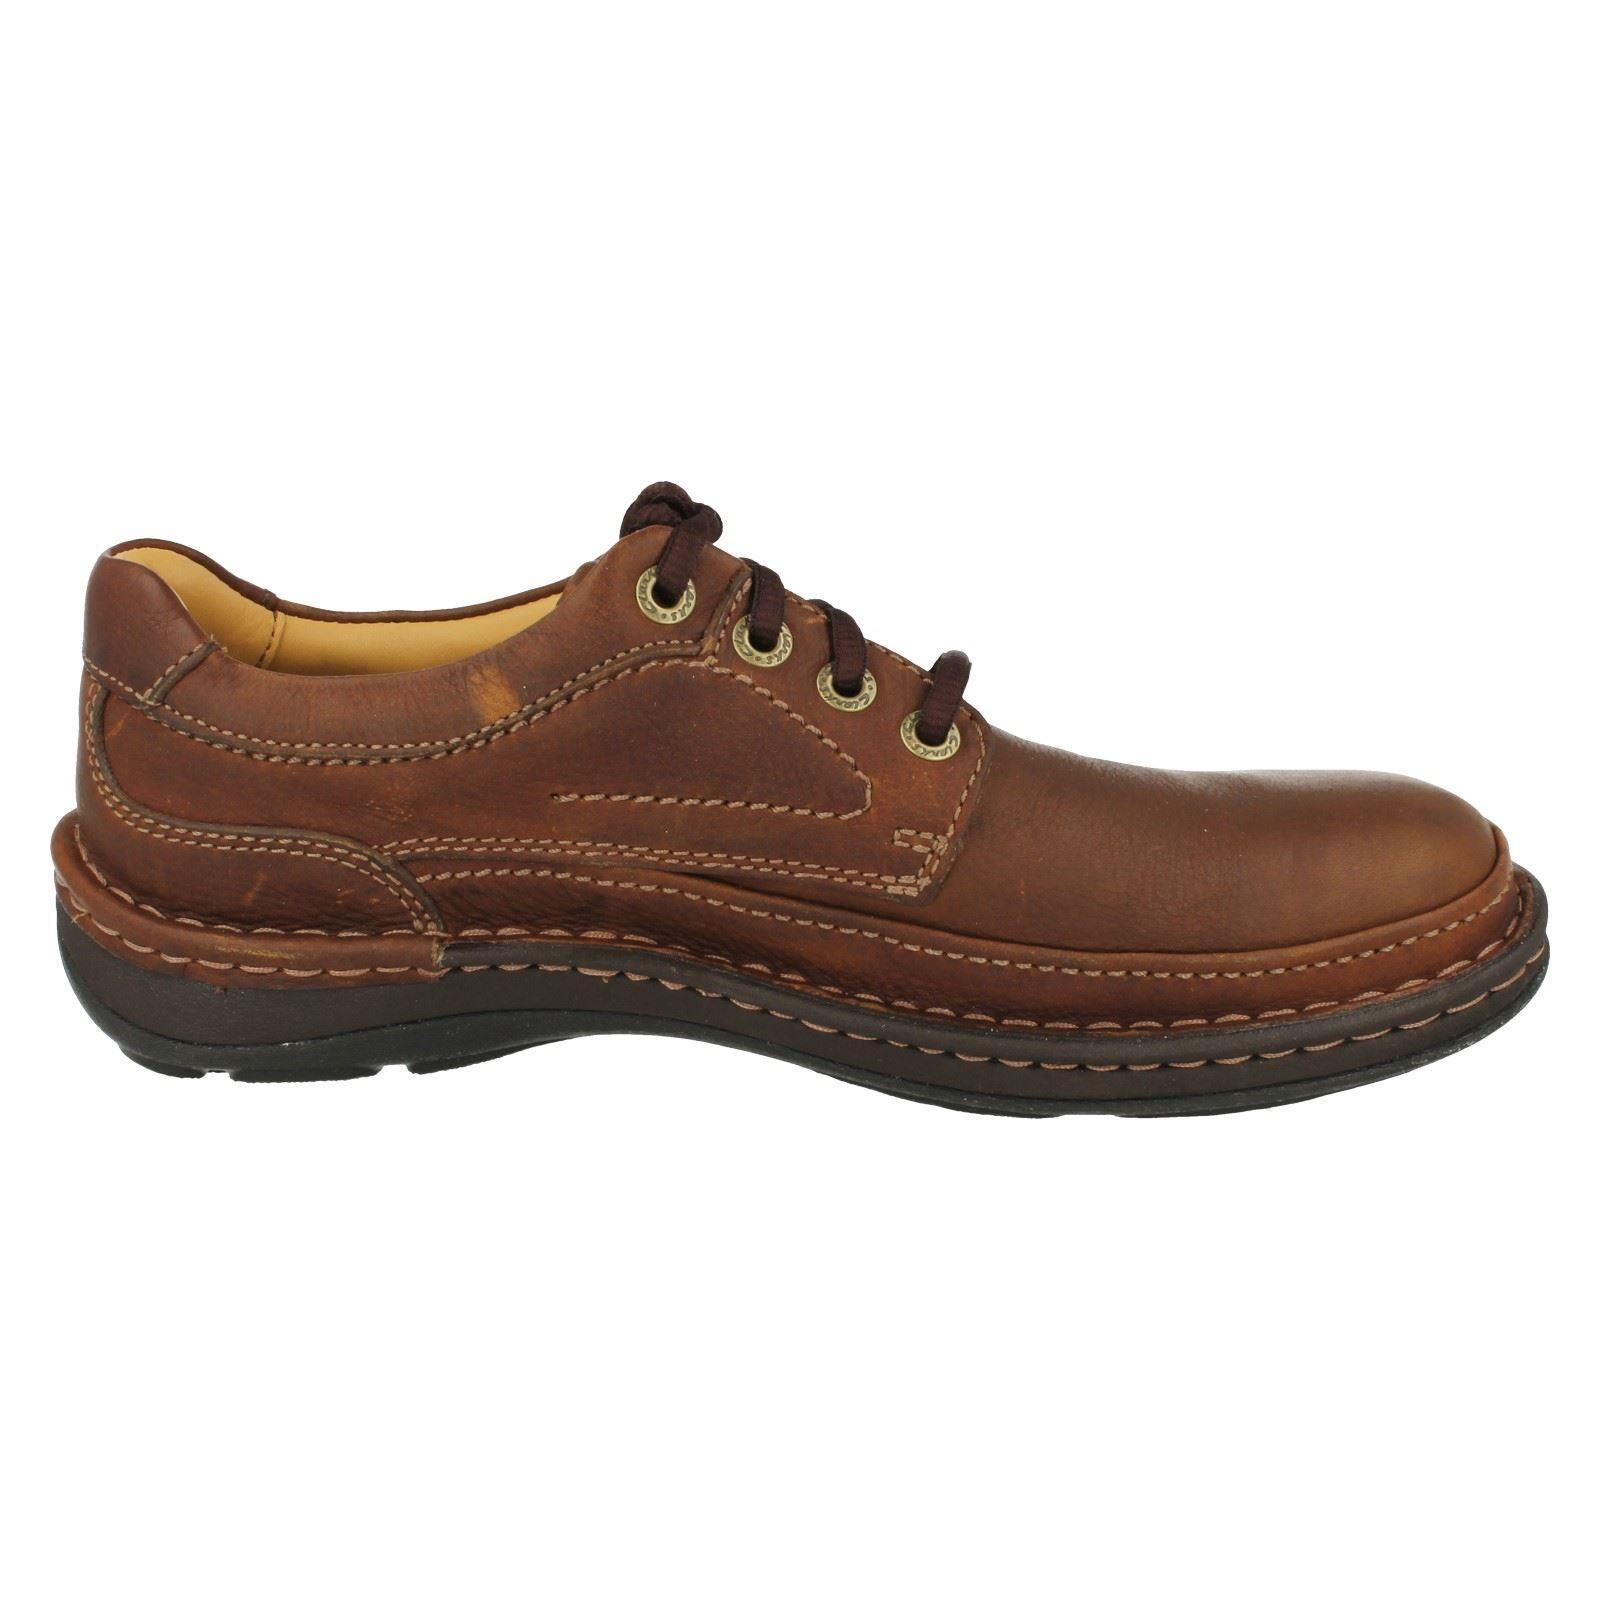 Clarks Air Flow Shoes